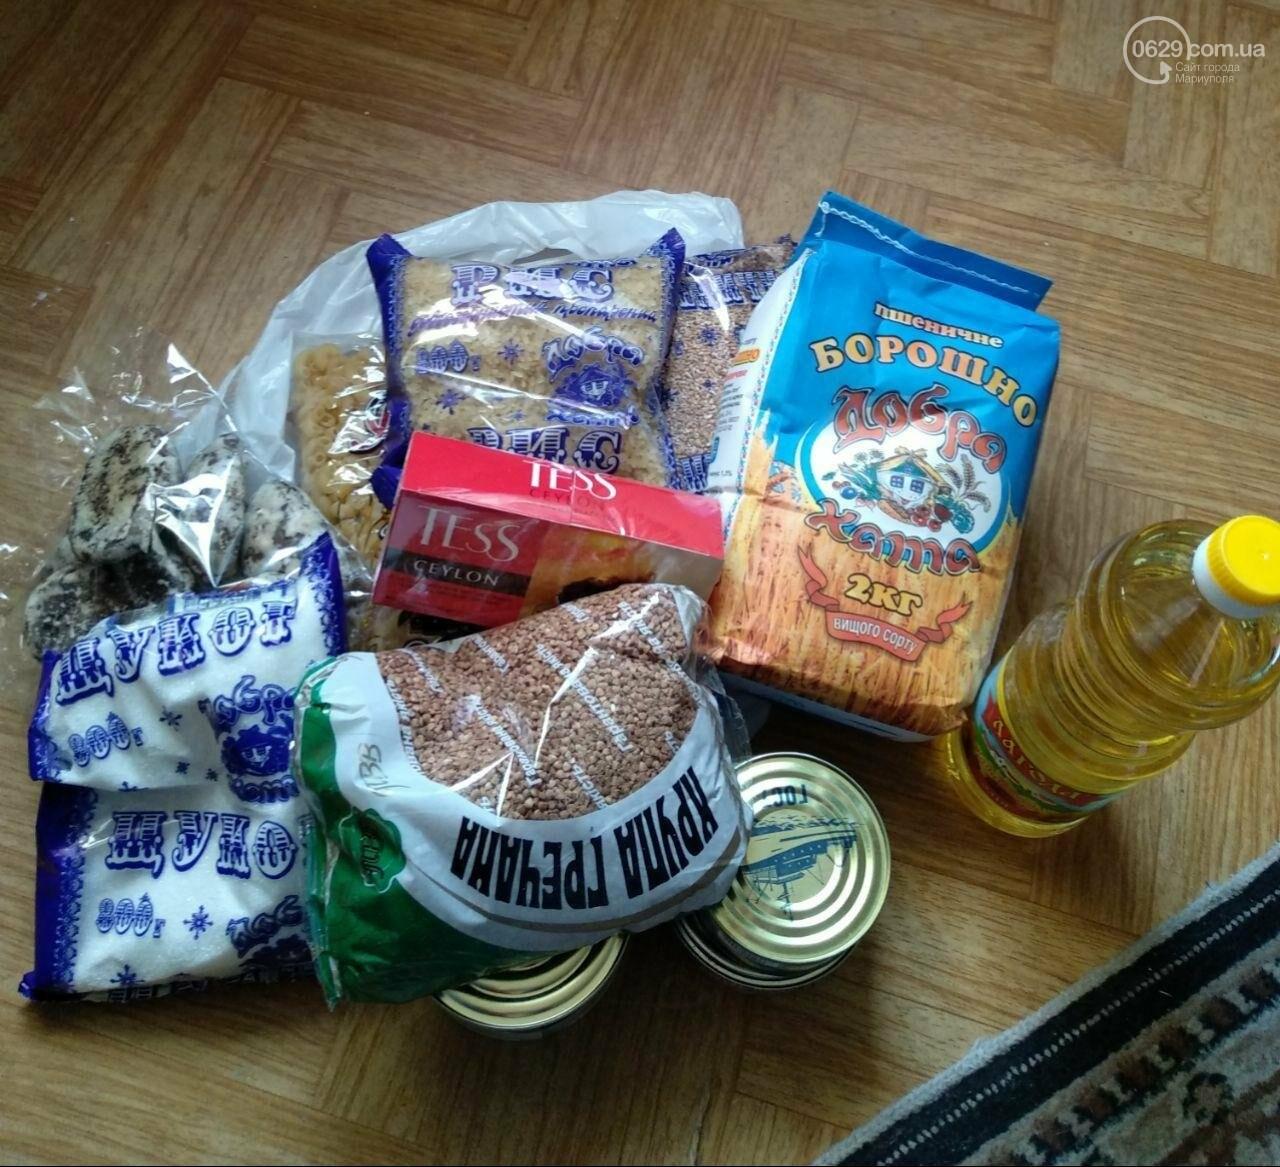 Стало известно, что содержится в бесплатных продуктовых наборах для пожилых людей, - ФОТО, фото-1